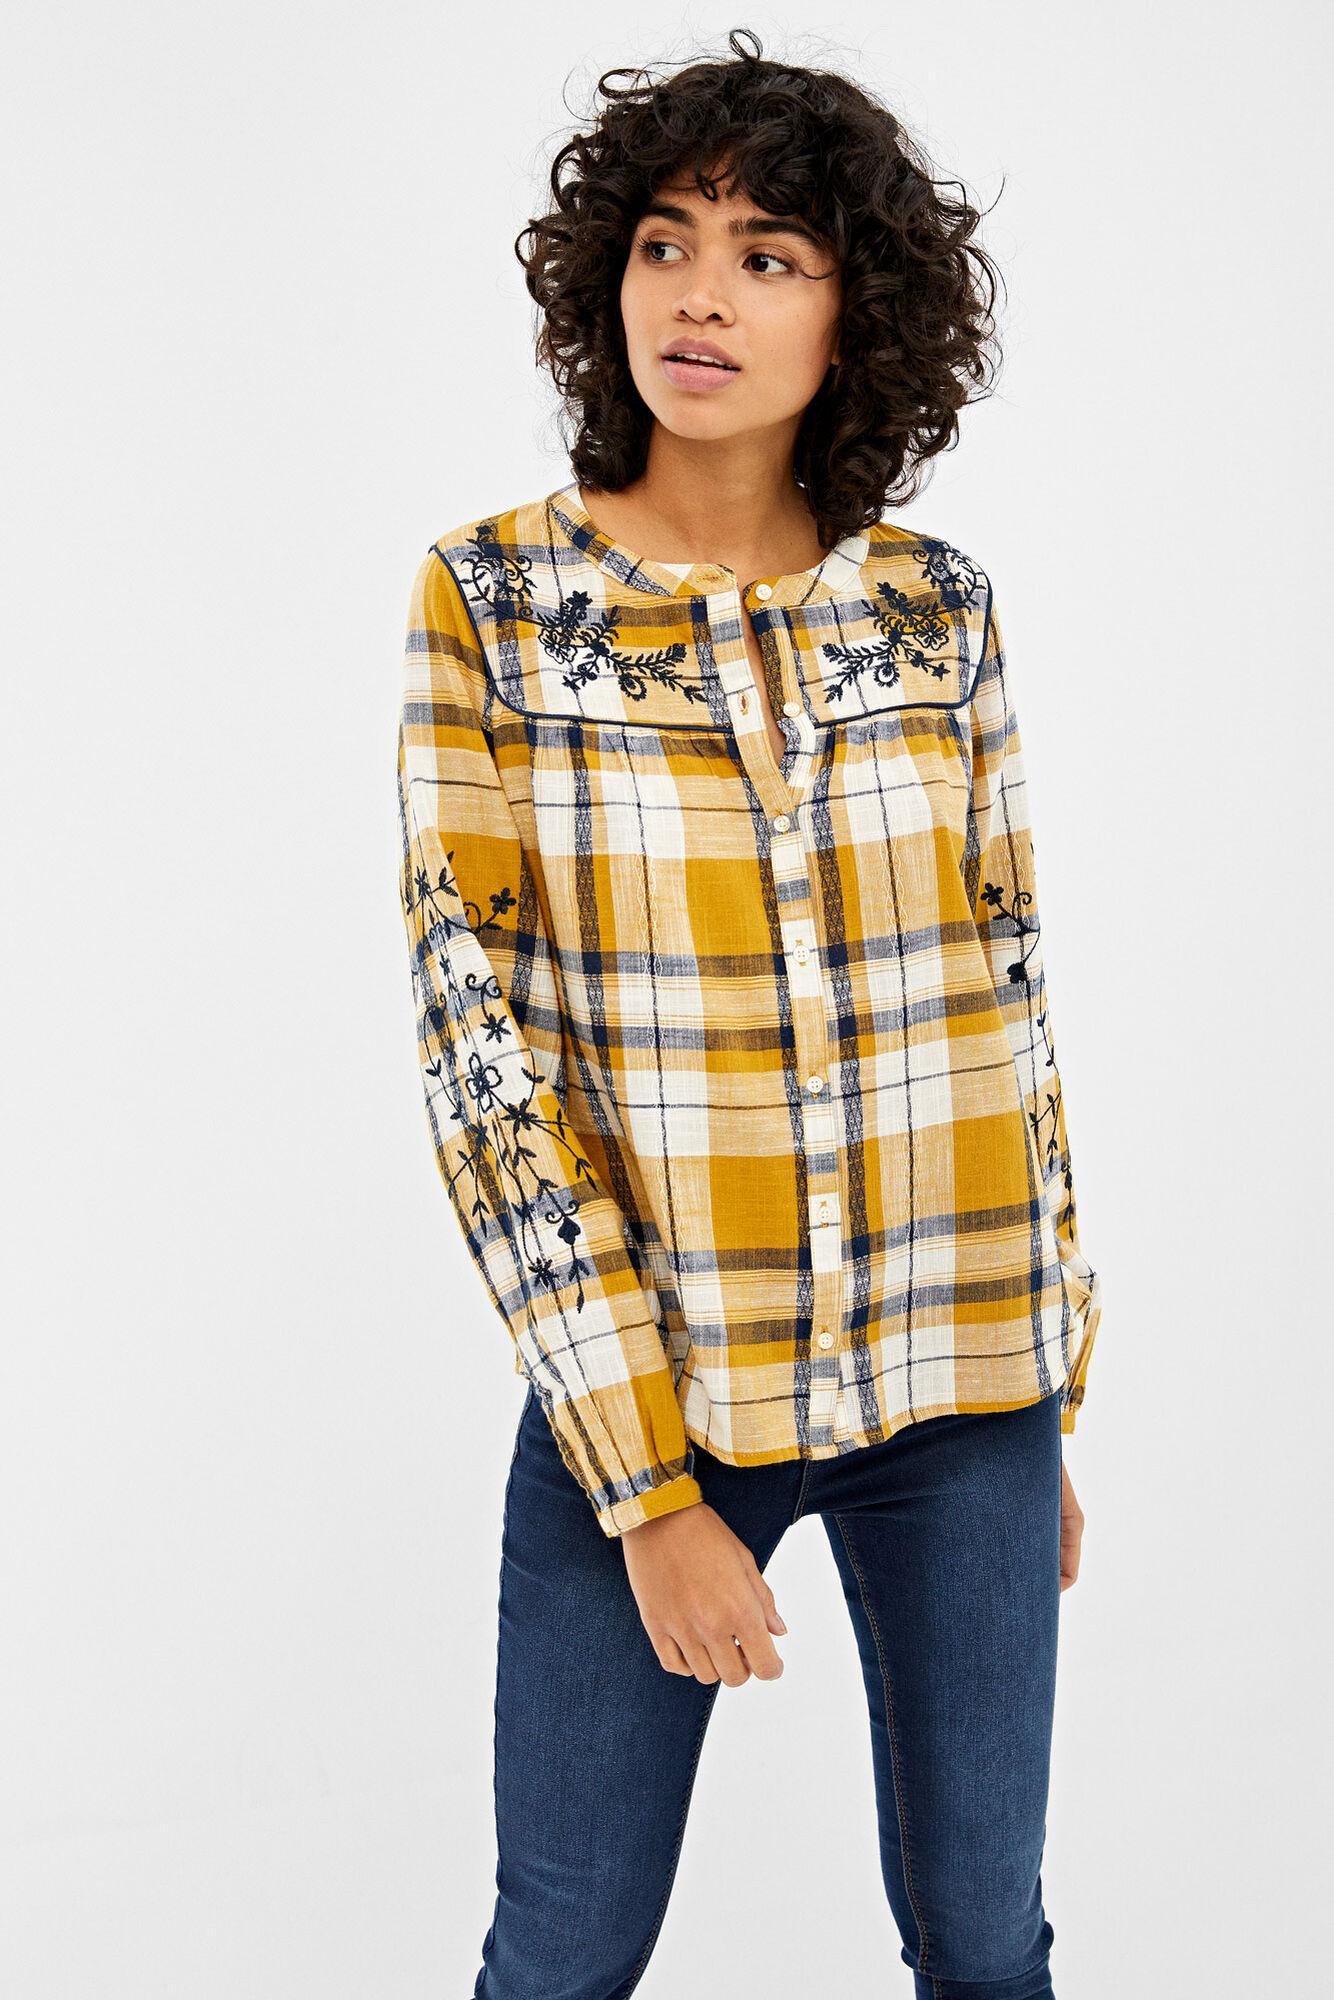 Camisa con cuello mao, de manga larga, estampada con cuadros, con detalle de bordado en hombros y mangas.